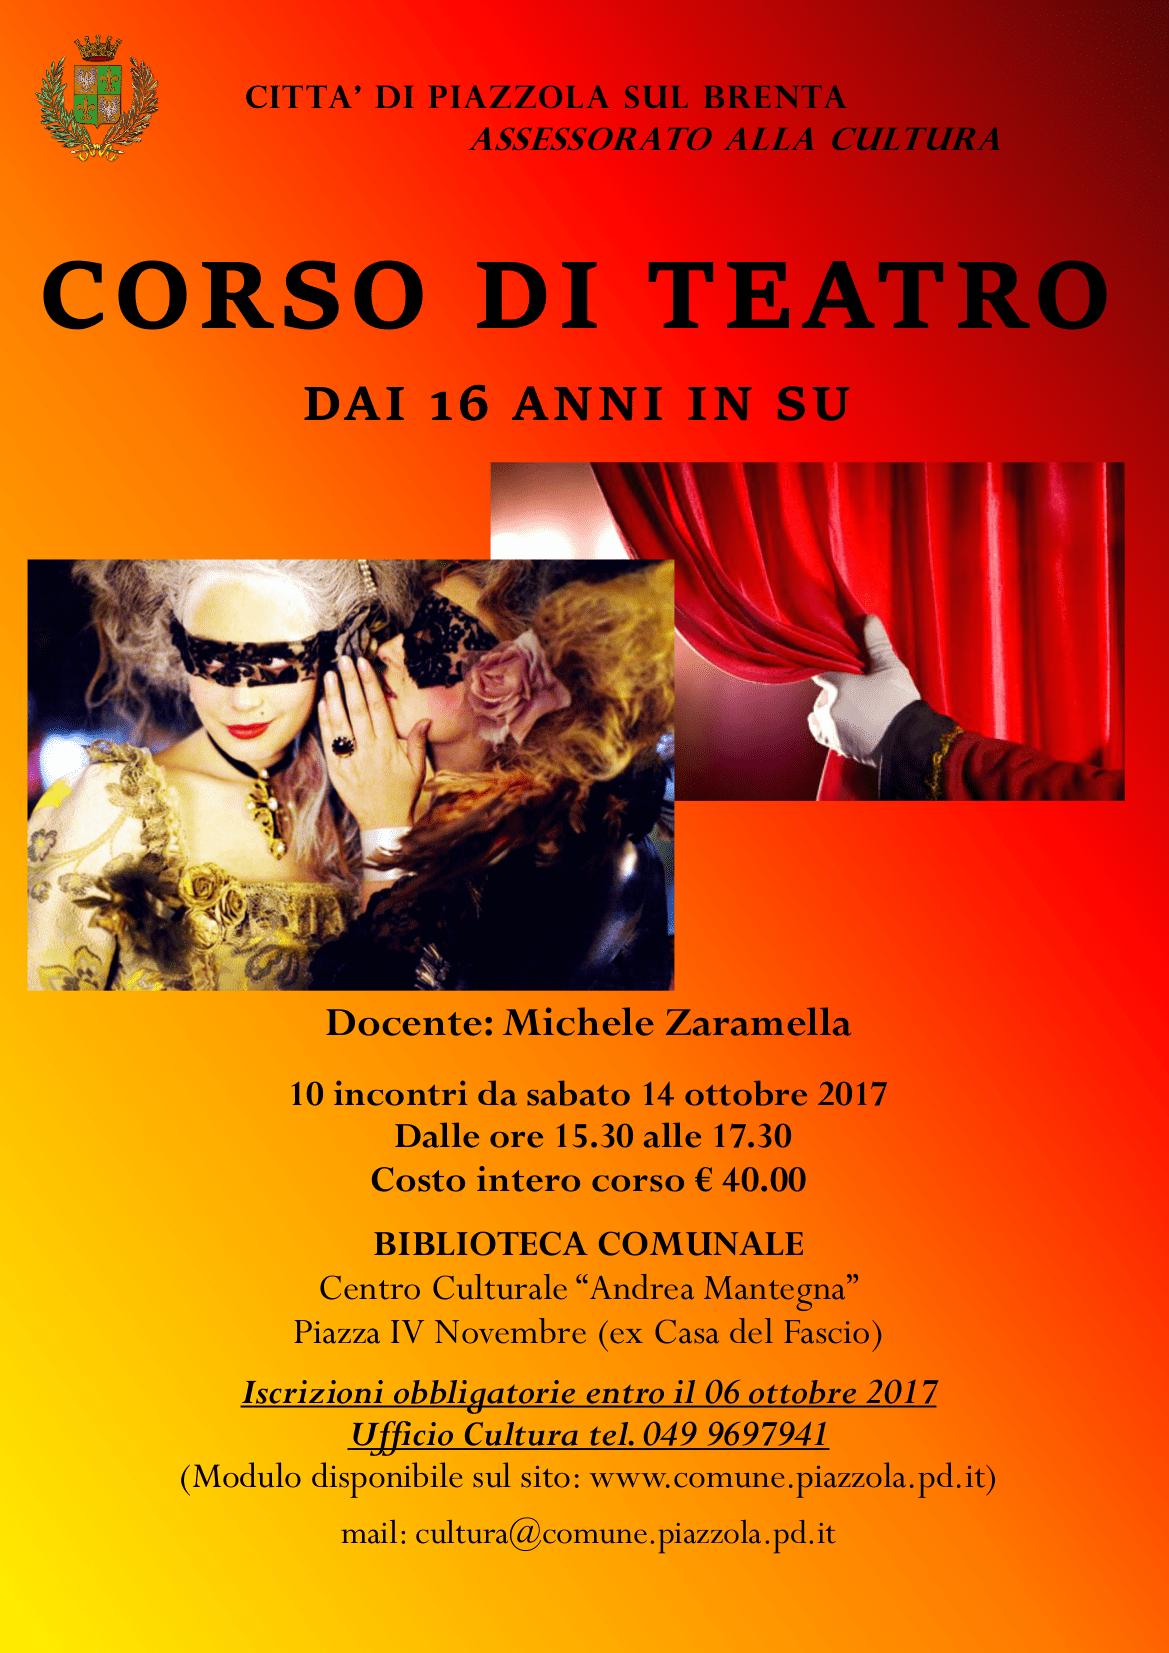 Corso di teatro propiazzola for Fiera piazzola sul brenta 2017